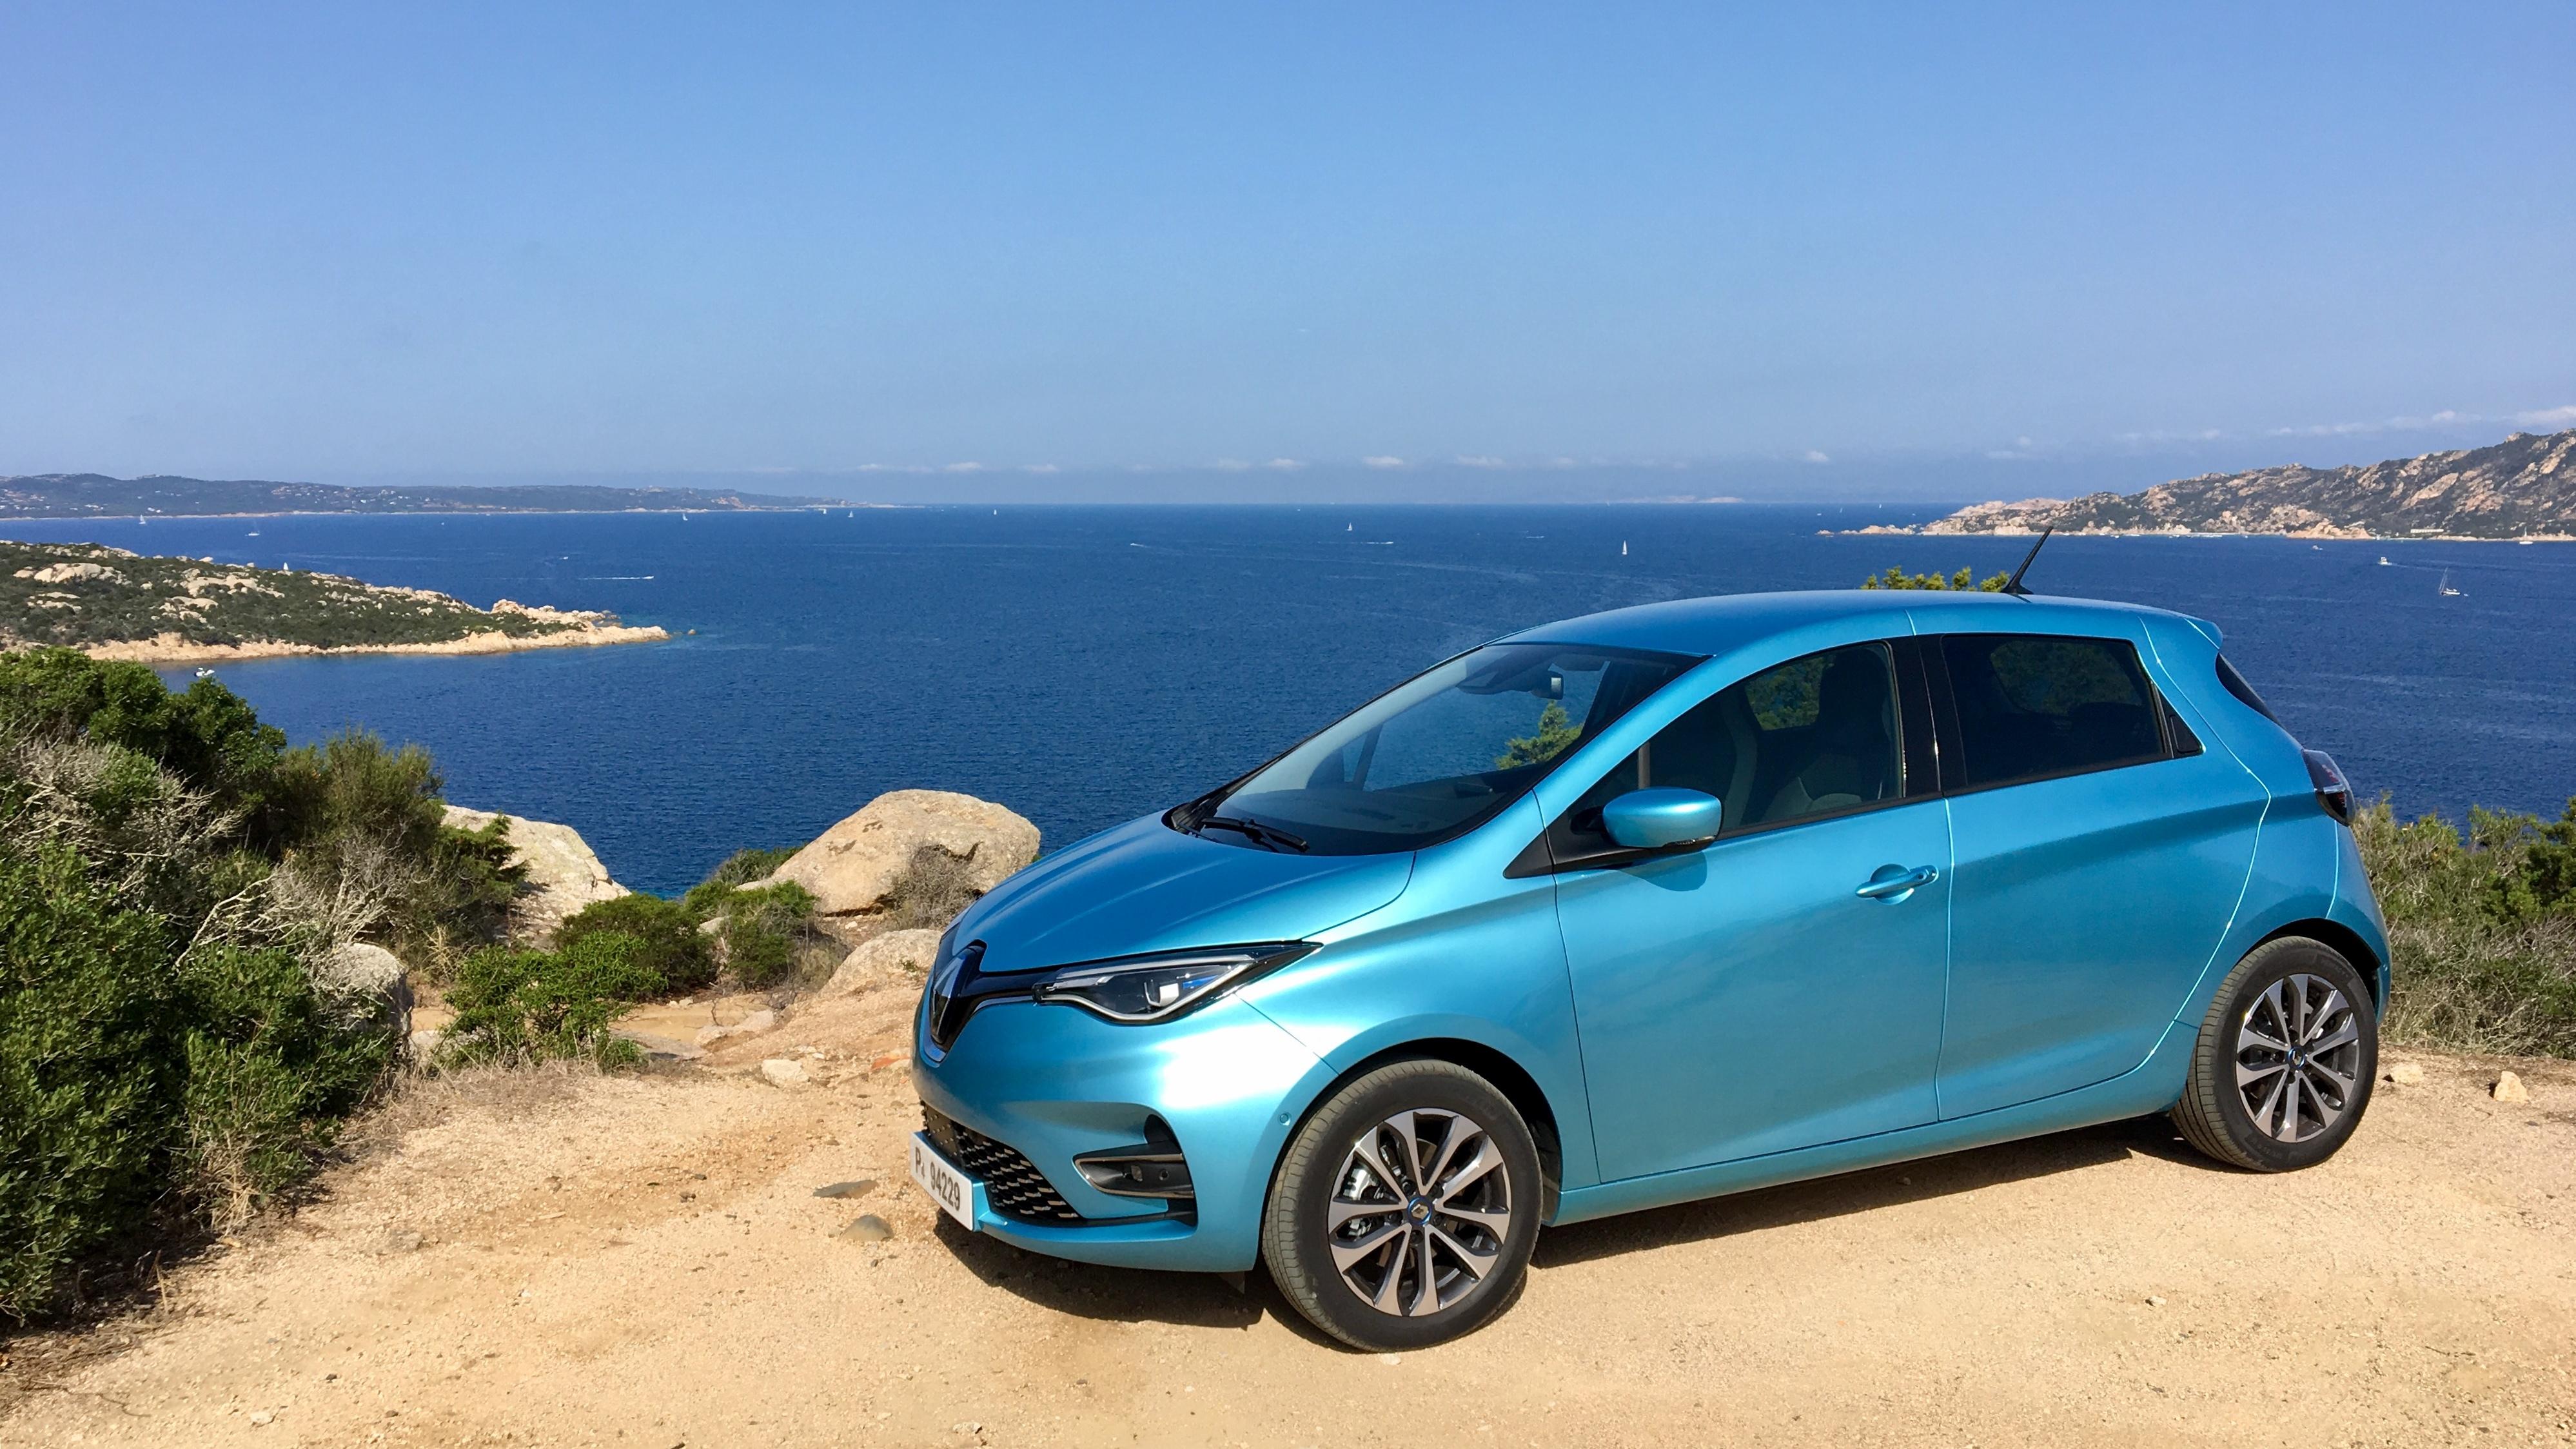 2019 - [Renault] ZOE 2 - Page 19 S0-essai-video-renault-zoe-ze50-2019-pour-rester-dans-la-course-603647